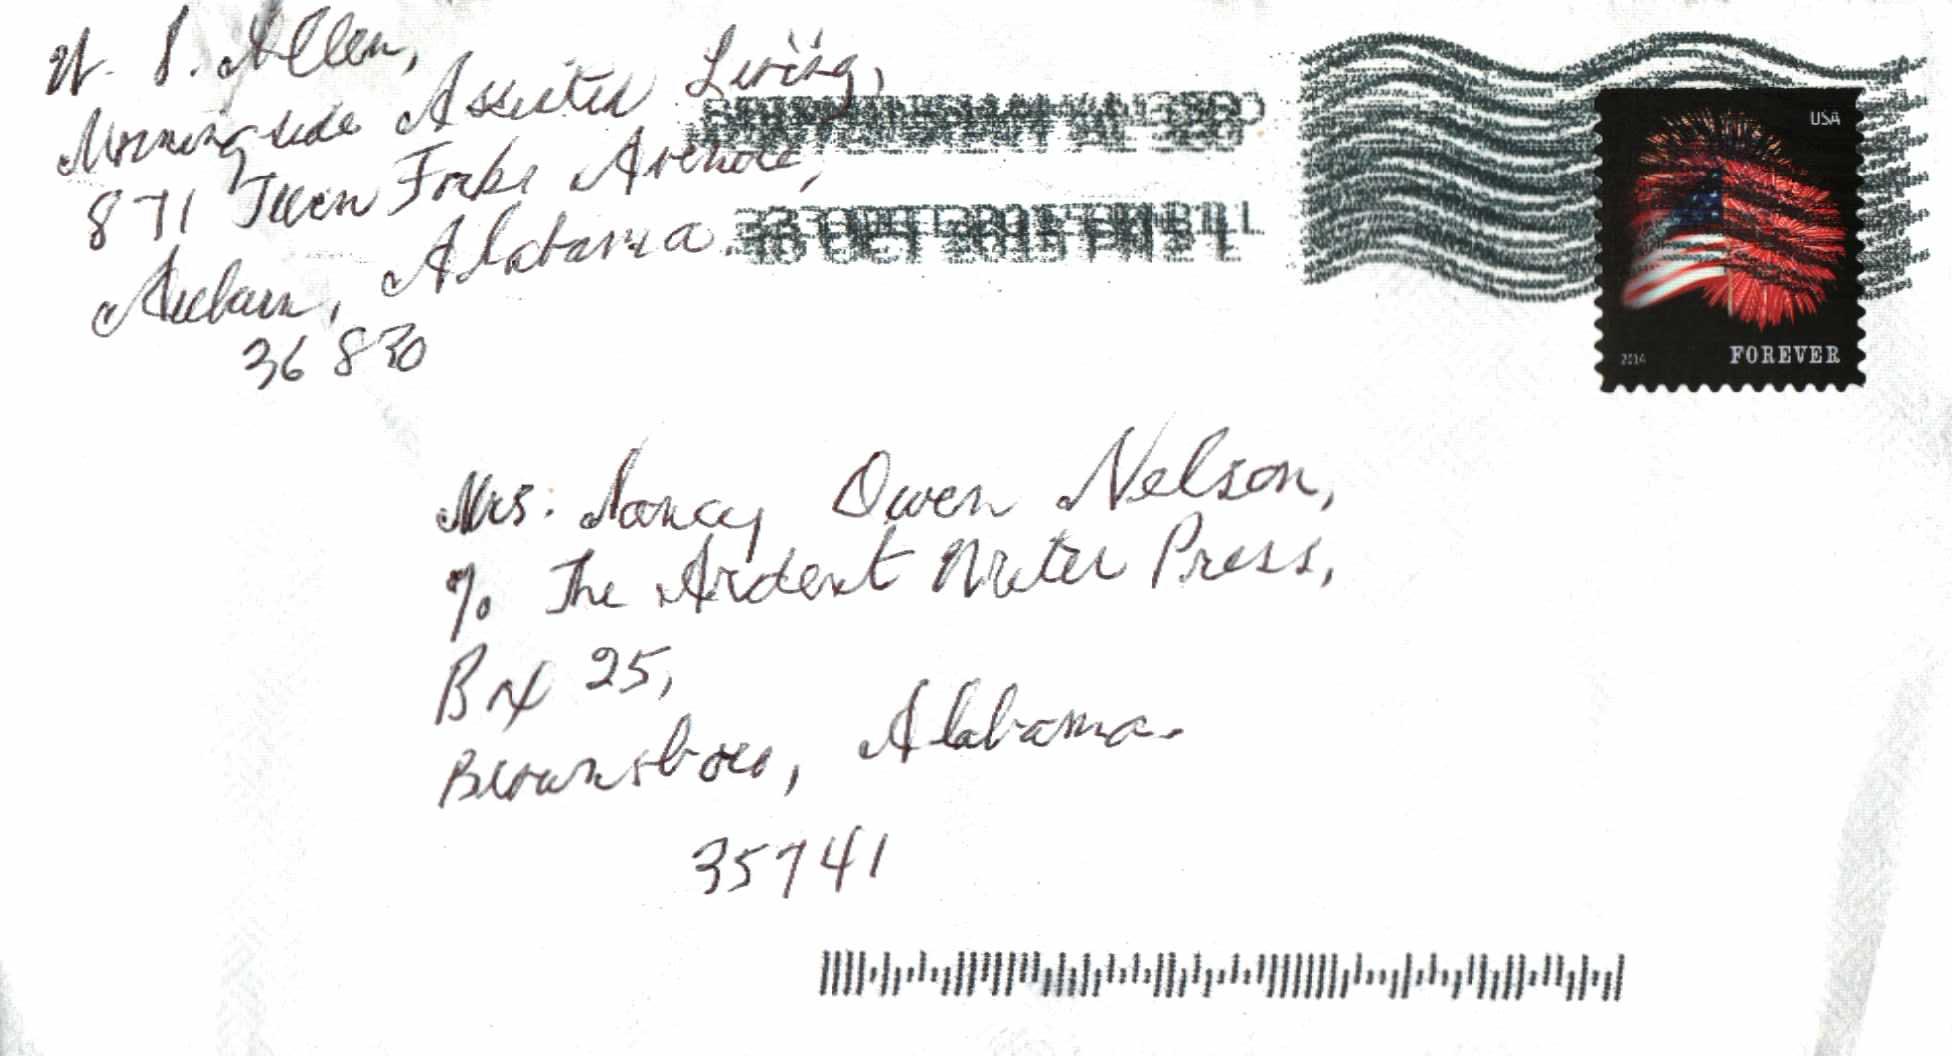 Ward Allen ltr to Nancy Owen Nelson Envelope Oct 11 2015